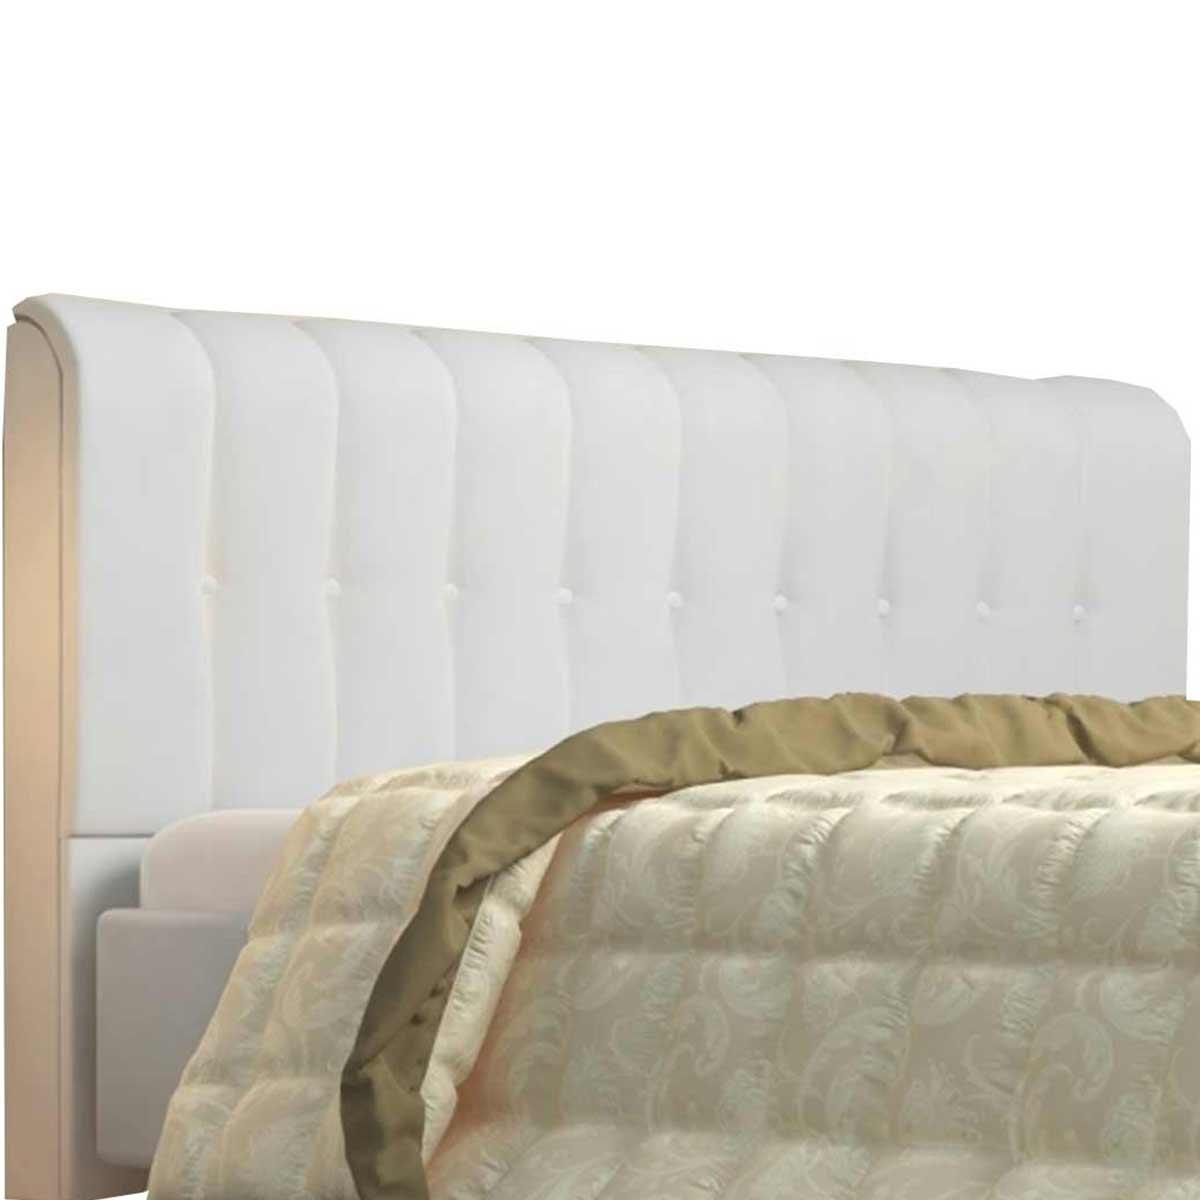 Cabeceira Casal Estofada Kiara 140 cm Corino Branco